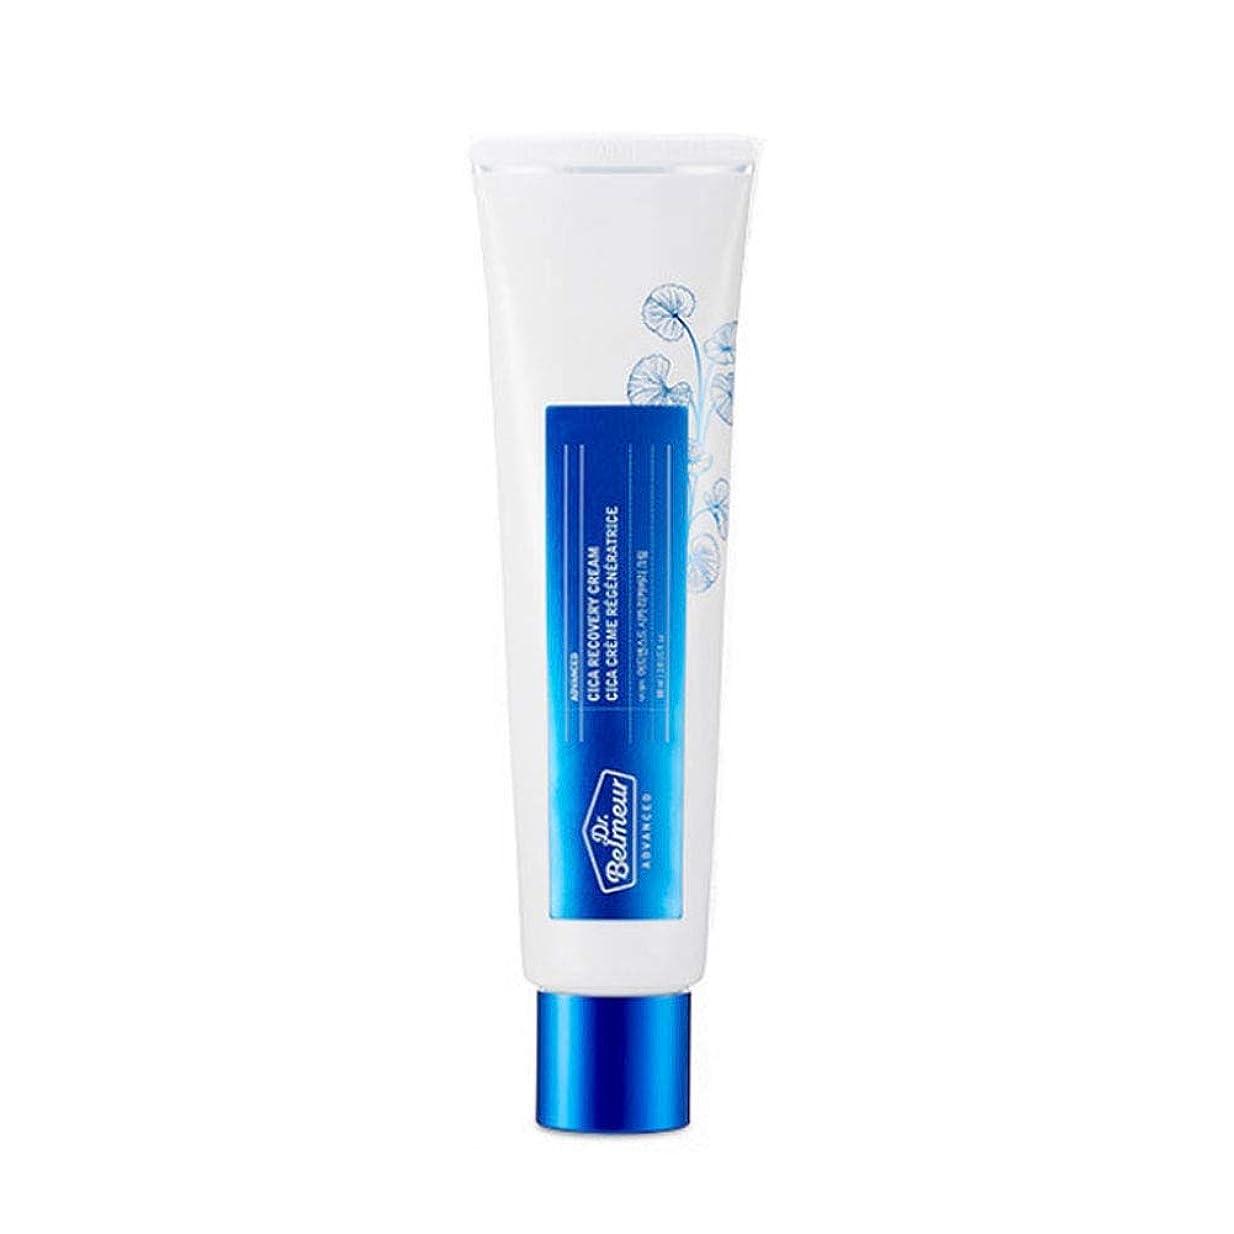 自伝凝視忘れっぽいザ?フェイスショップドクターベルモアドバンスドシカリカバリークリーム60ml 韓国コスメ、The Face Shop Dr.Belmeur Advanced Cica Recovery Cream 60ml Korean Cosmetics [並行輸入品]